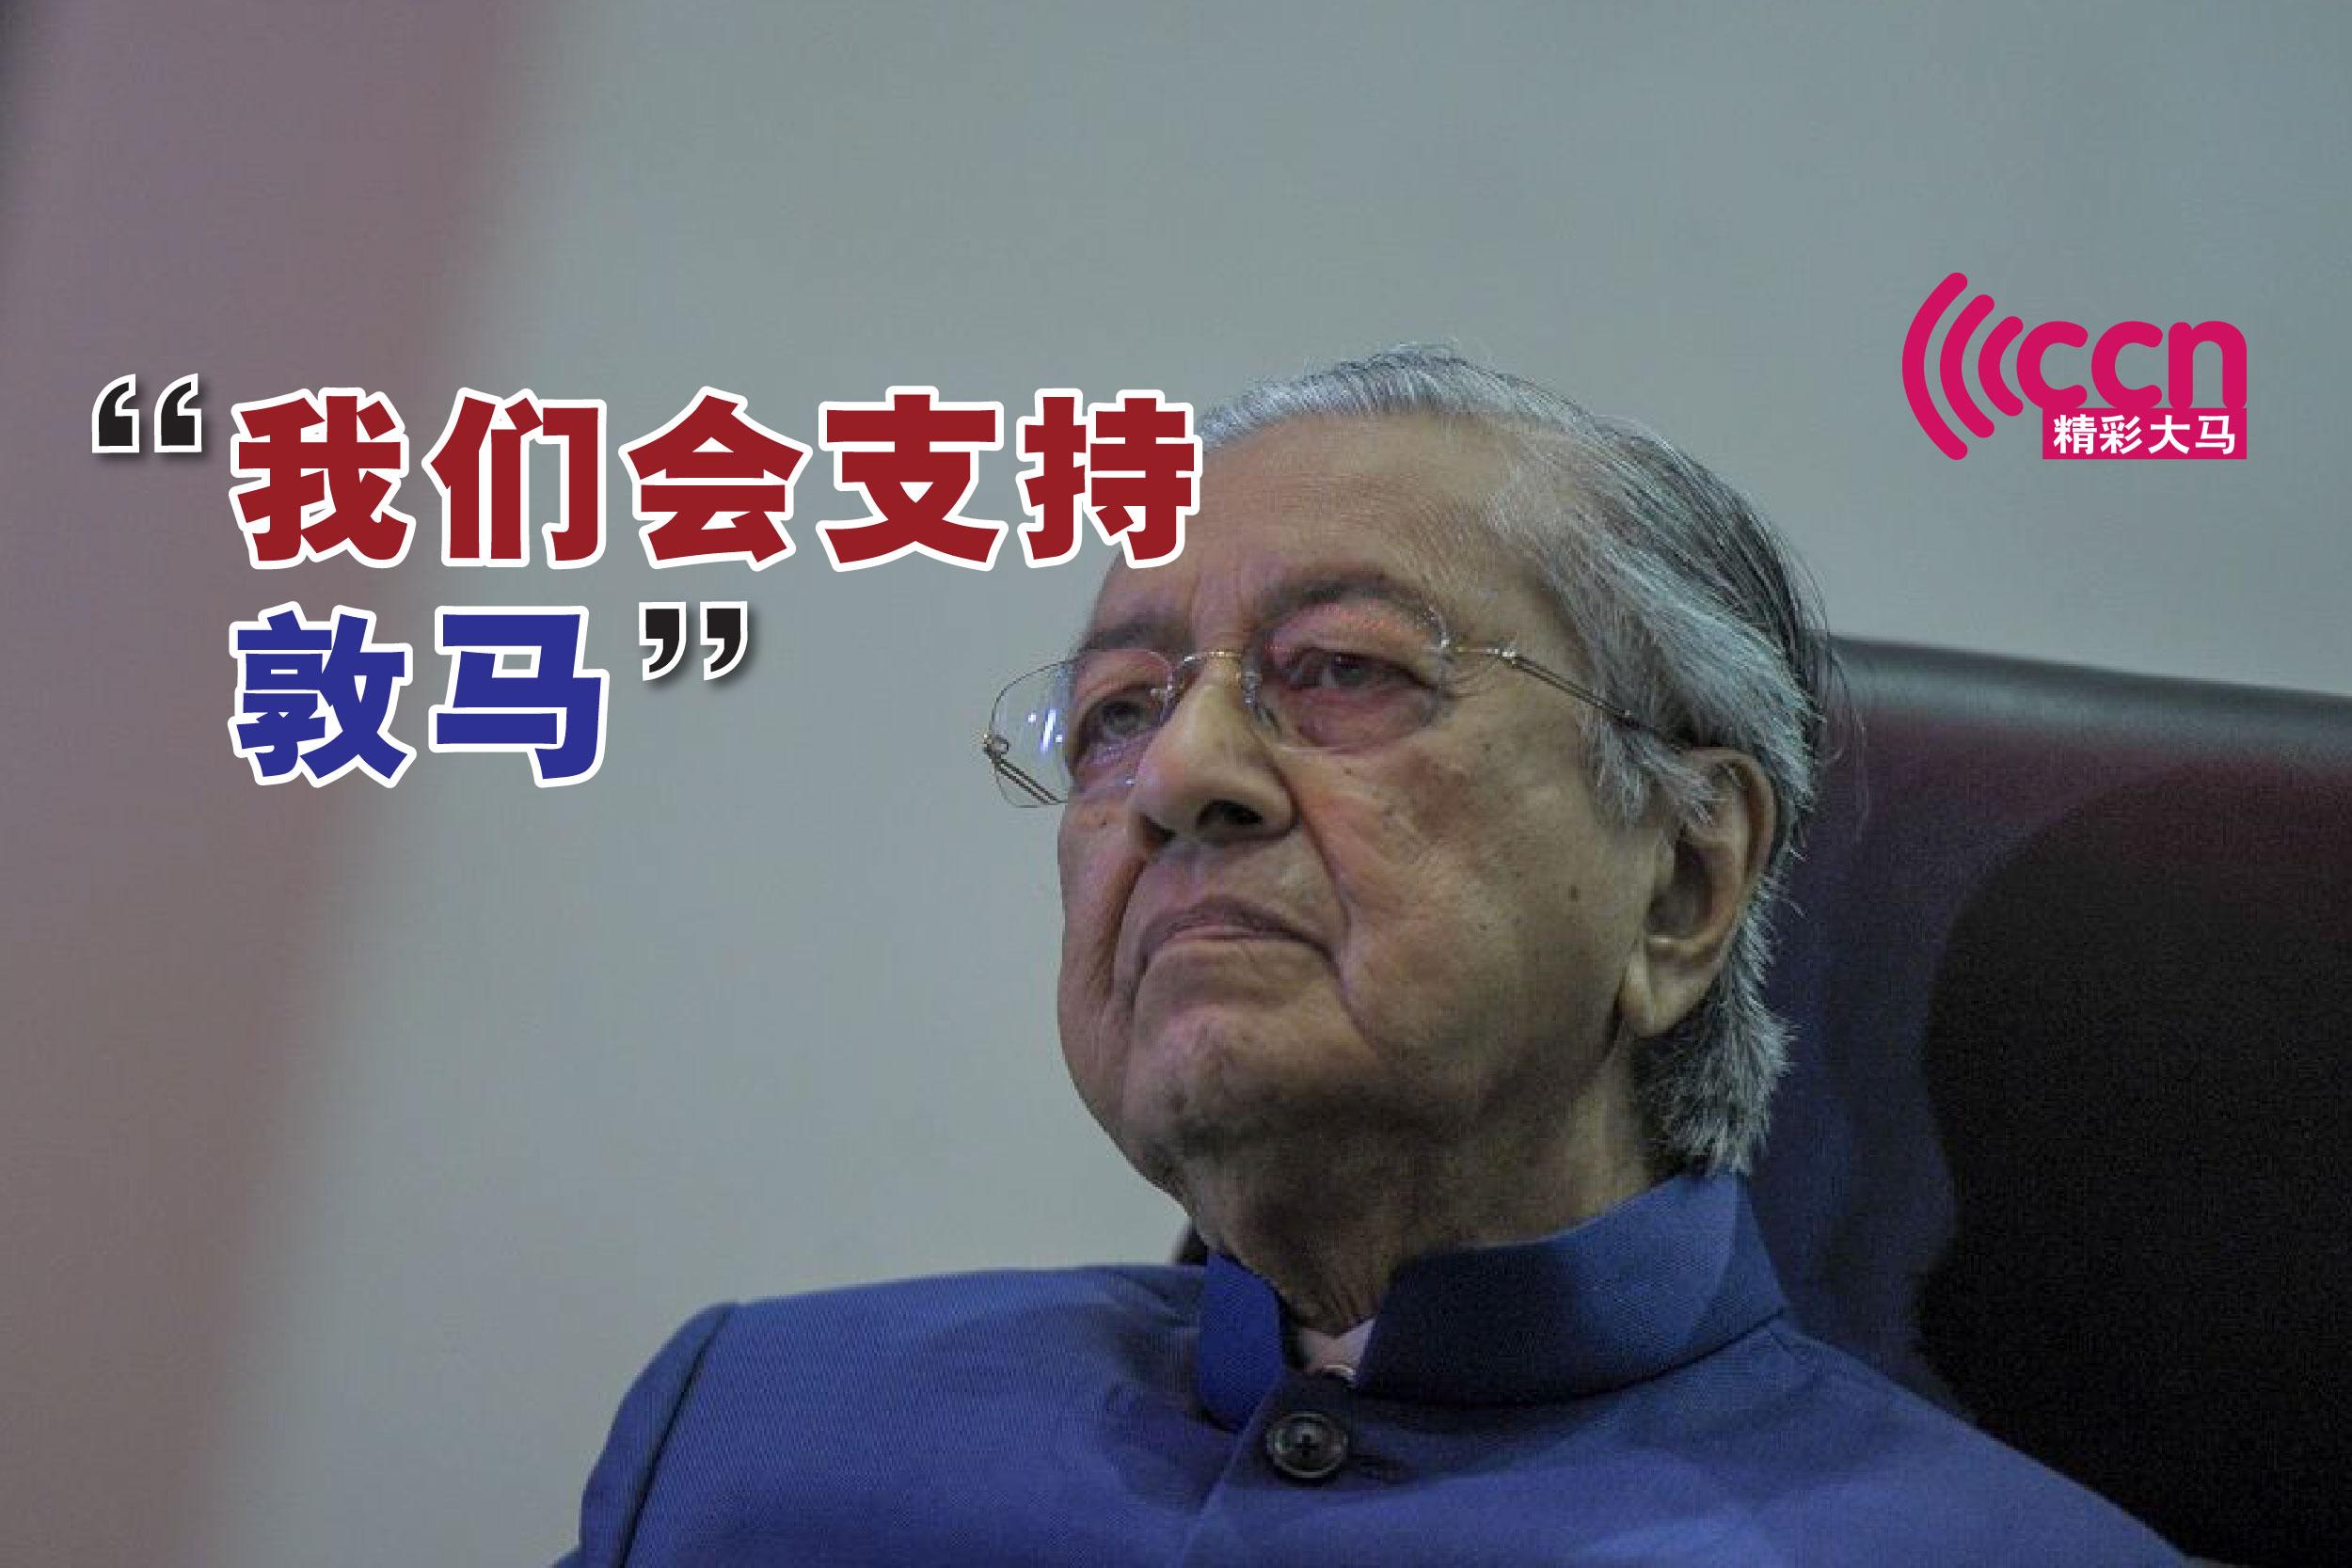 哥打丁宜区部15执委宣布退党以支持马哈迪。-精彩大马制图-